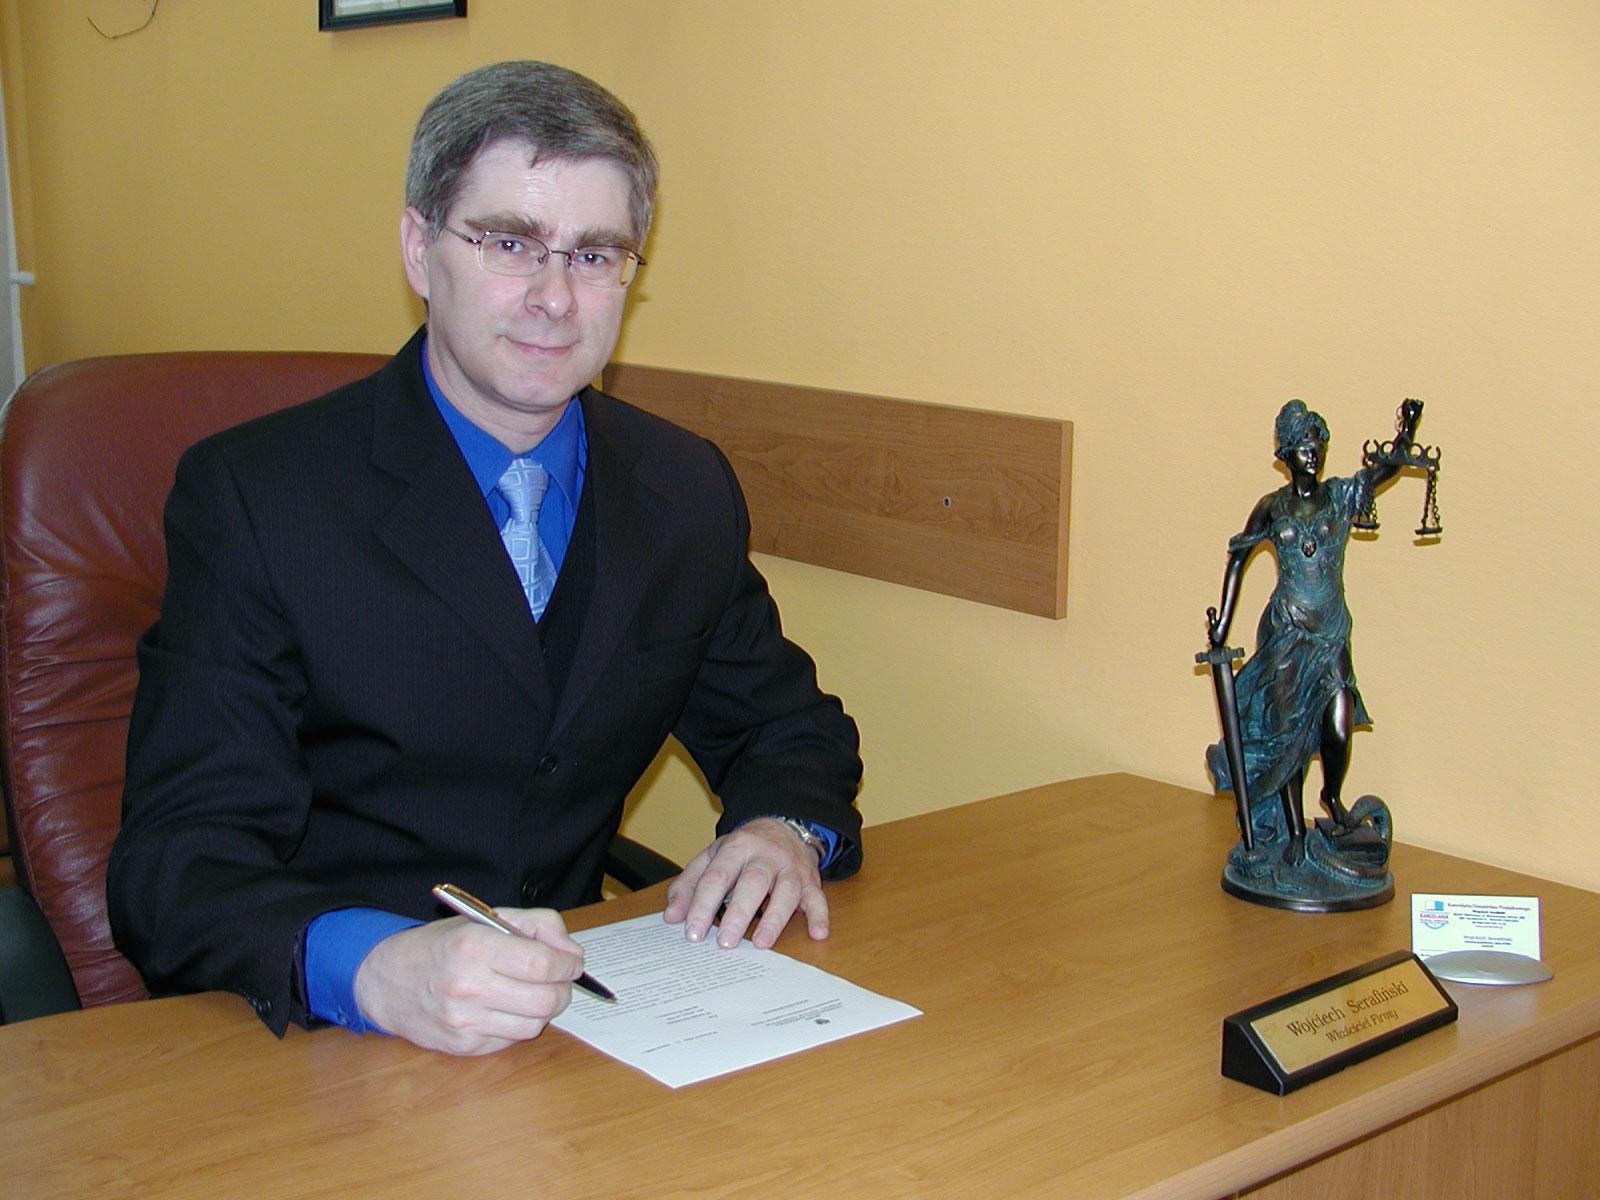 Wojciech Serafiński